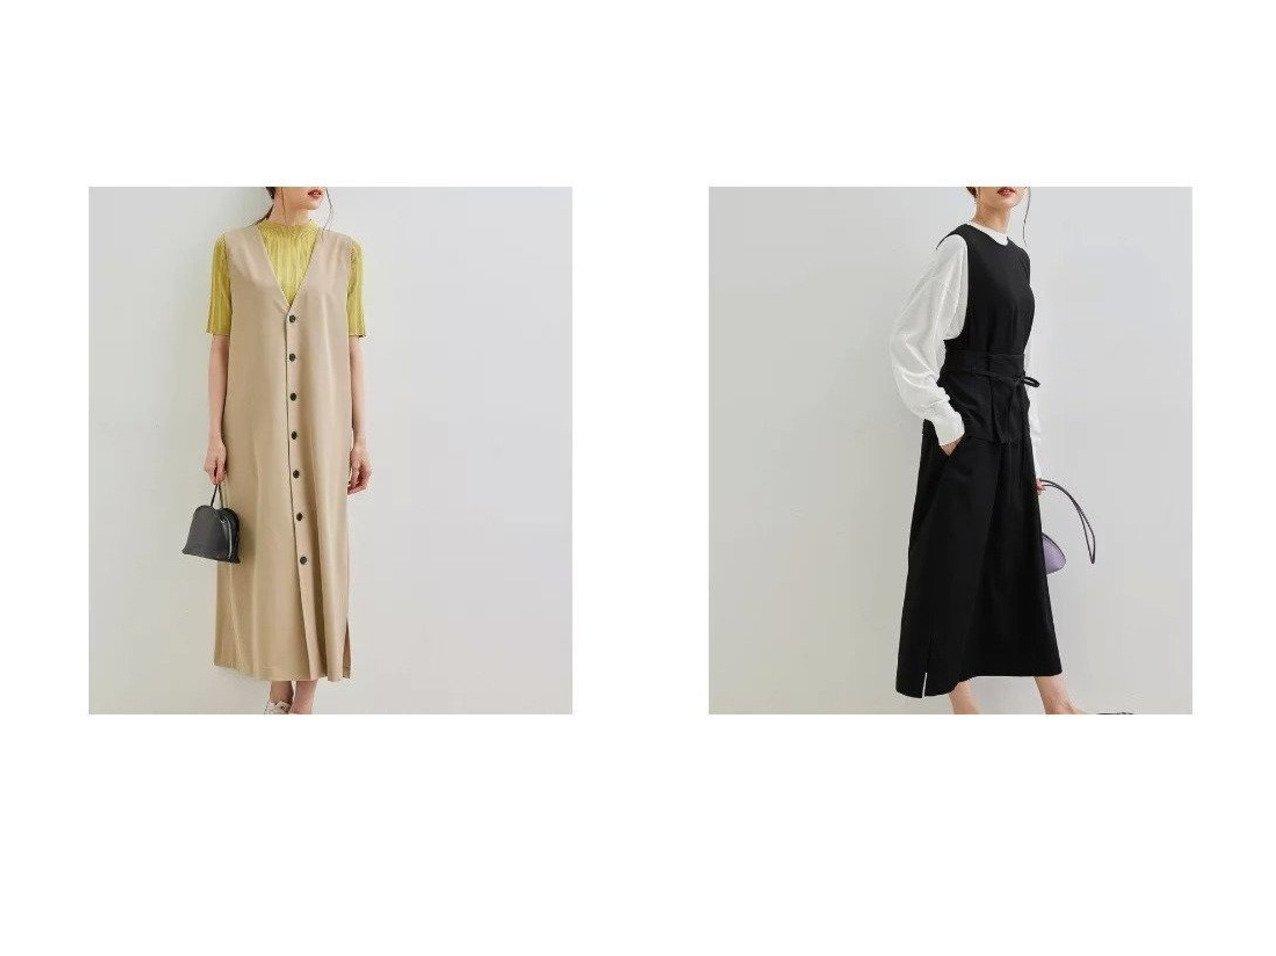 【ROPE' PICNIC/ロペピクニック】の【2WAY】ジャンパースカート 【プチプライス・低価格】おすすめ!人気、トレンド・レディースファッションの通販 おすすめで人気の流行・トレンド、ファッションの通販商品 インテリア・家具・メンズファッション・キッズファッション・レディースファッション・服の通販 founy(ファニー) https://founy.com/ ファッション Fashion レディースファッション WOMEN スカート Skirt おすすめ Recommend フリル 春 Spring 秋 Autumn/Fall  ID:crp329100000061861